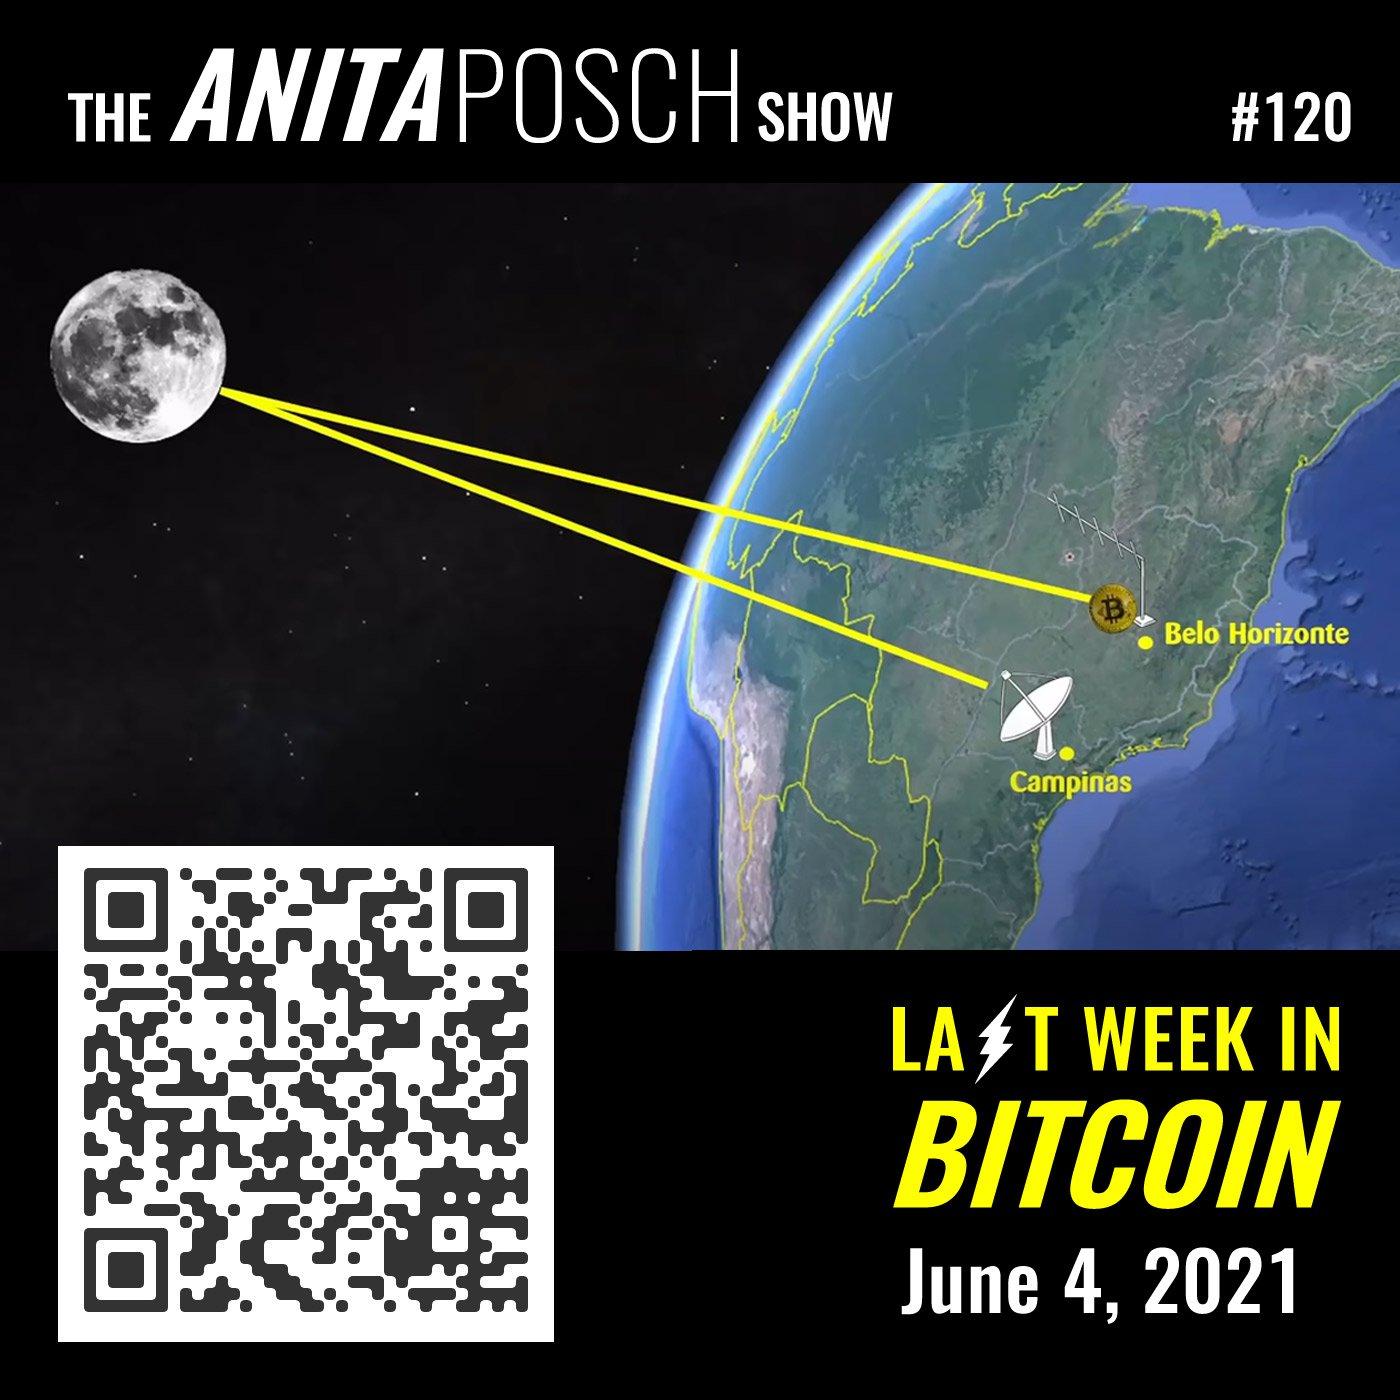 Bitcoin on the Moon - Last Week in Bitcoin